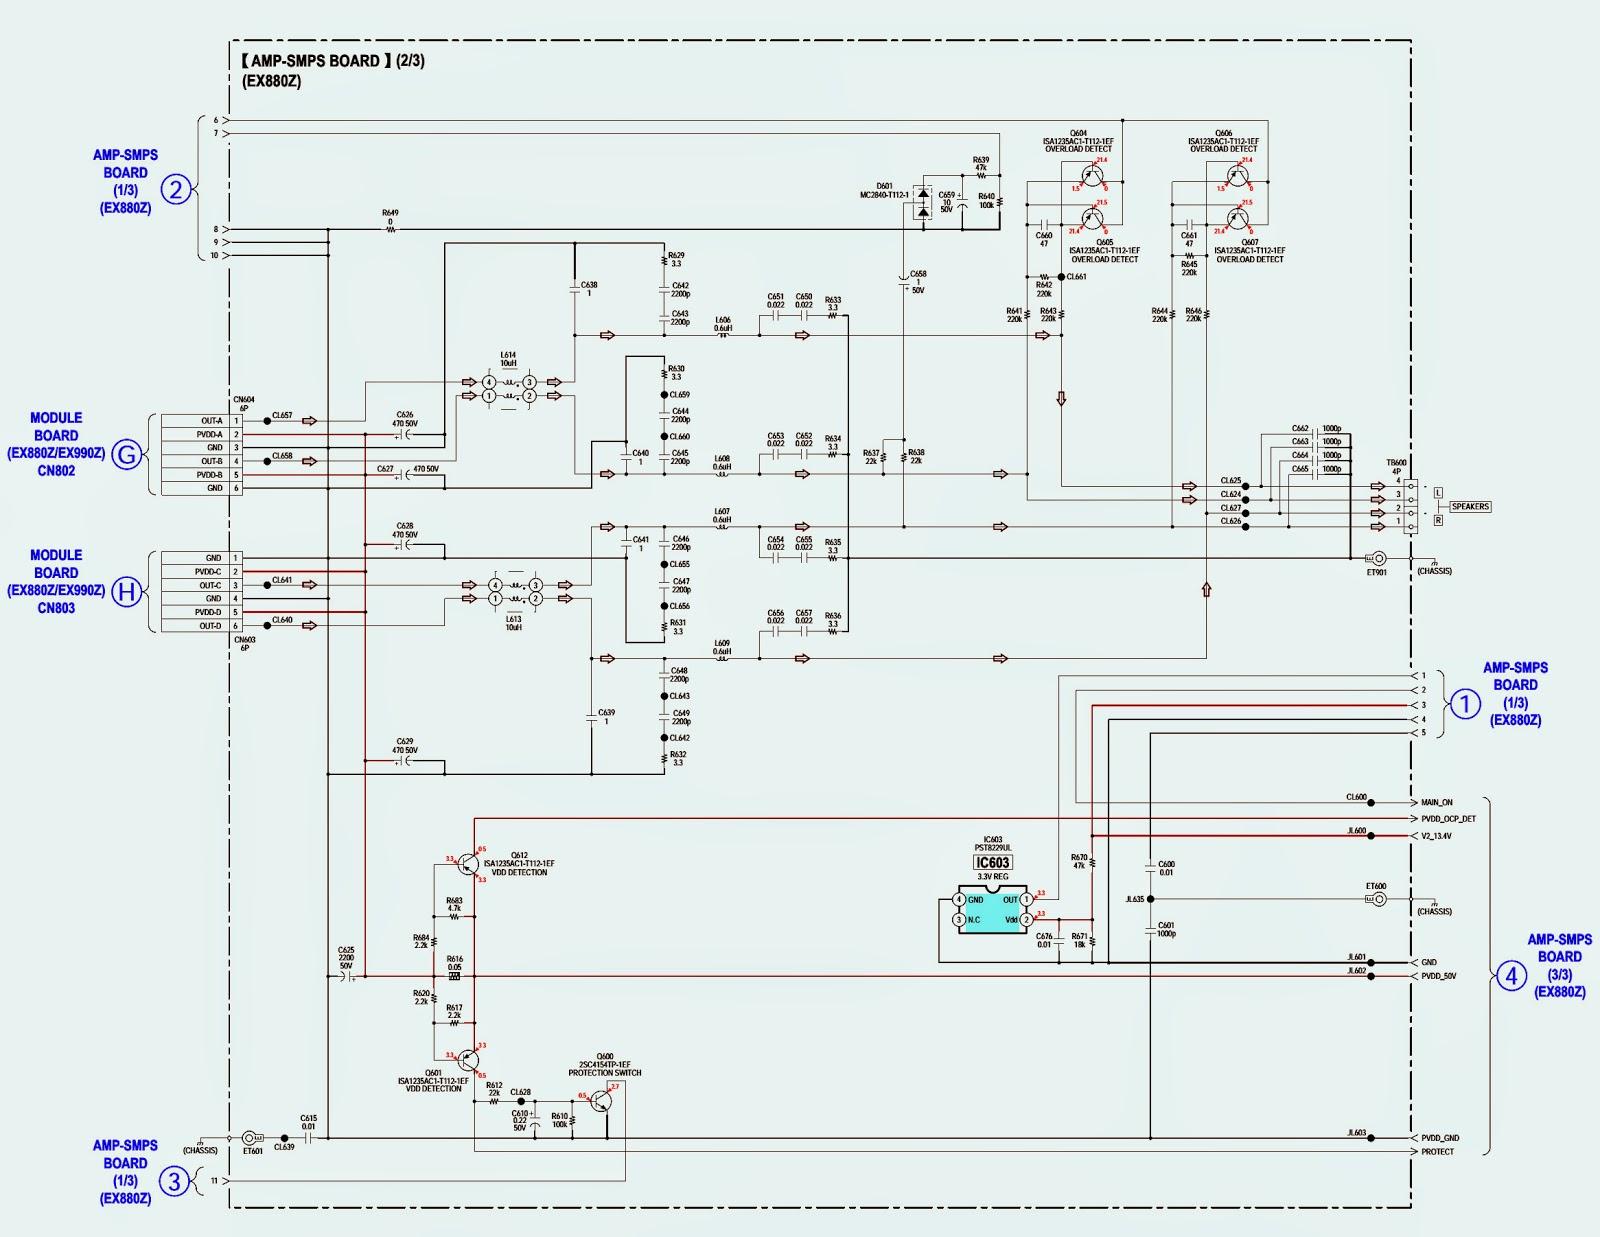 Electro help: 08/30/14